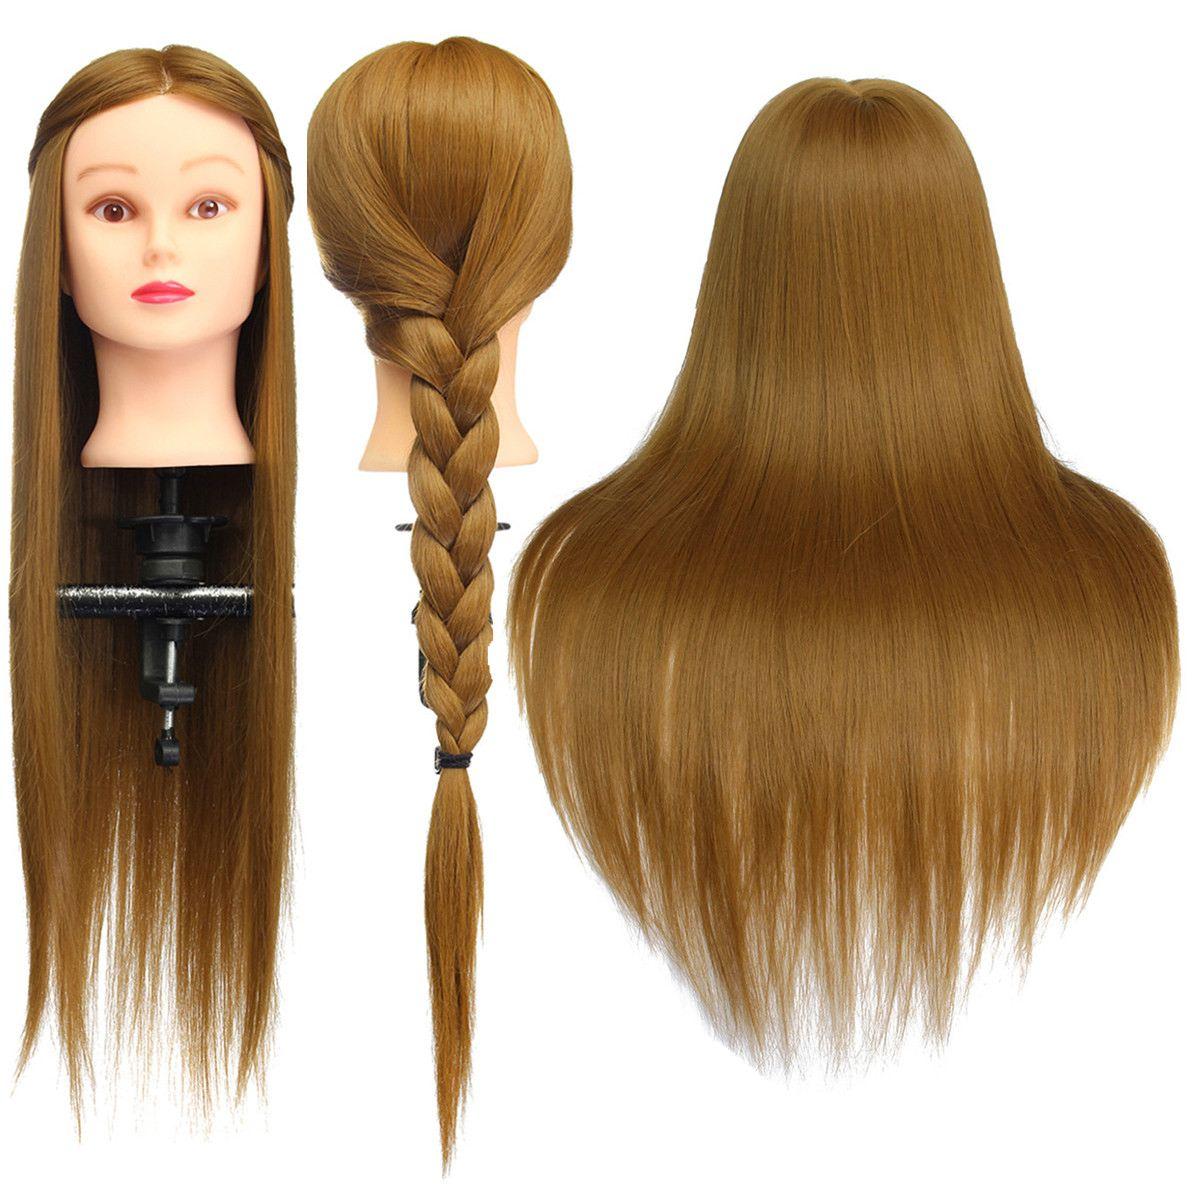 Тренировочная голова-манекен для волос, 26 дюймов, блонд, 30% натуральные волосы, с зажимом, профессиональная тренировочная голова для женщин